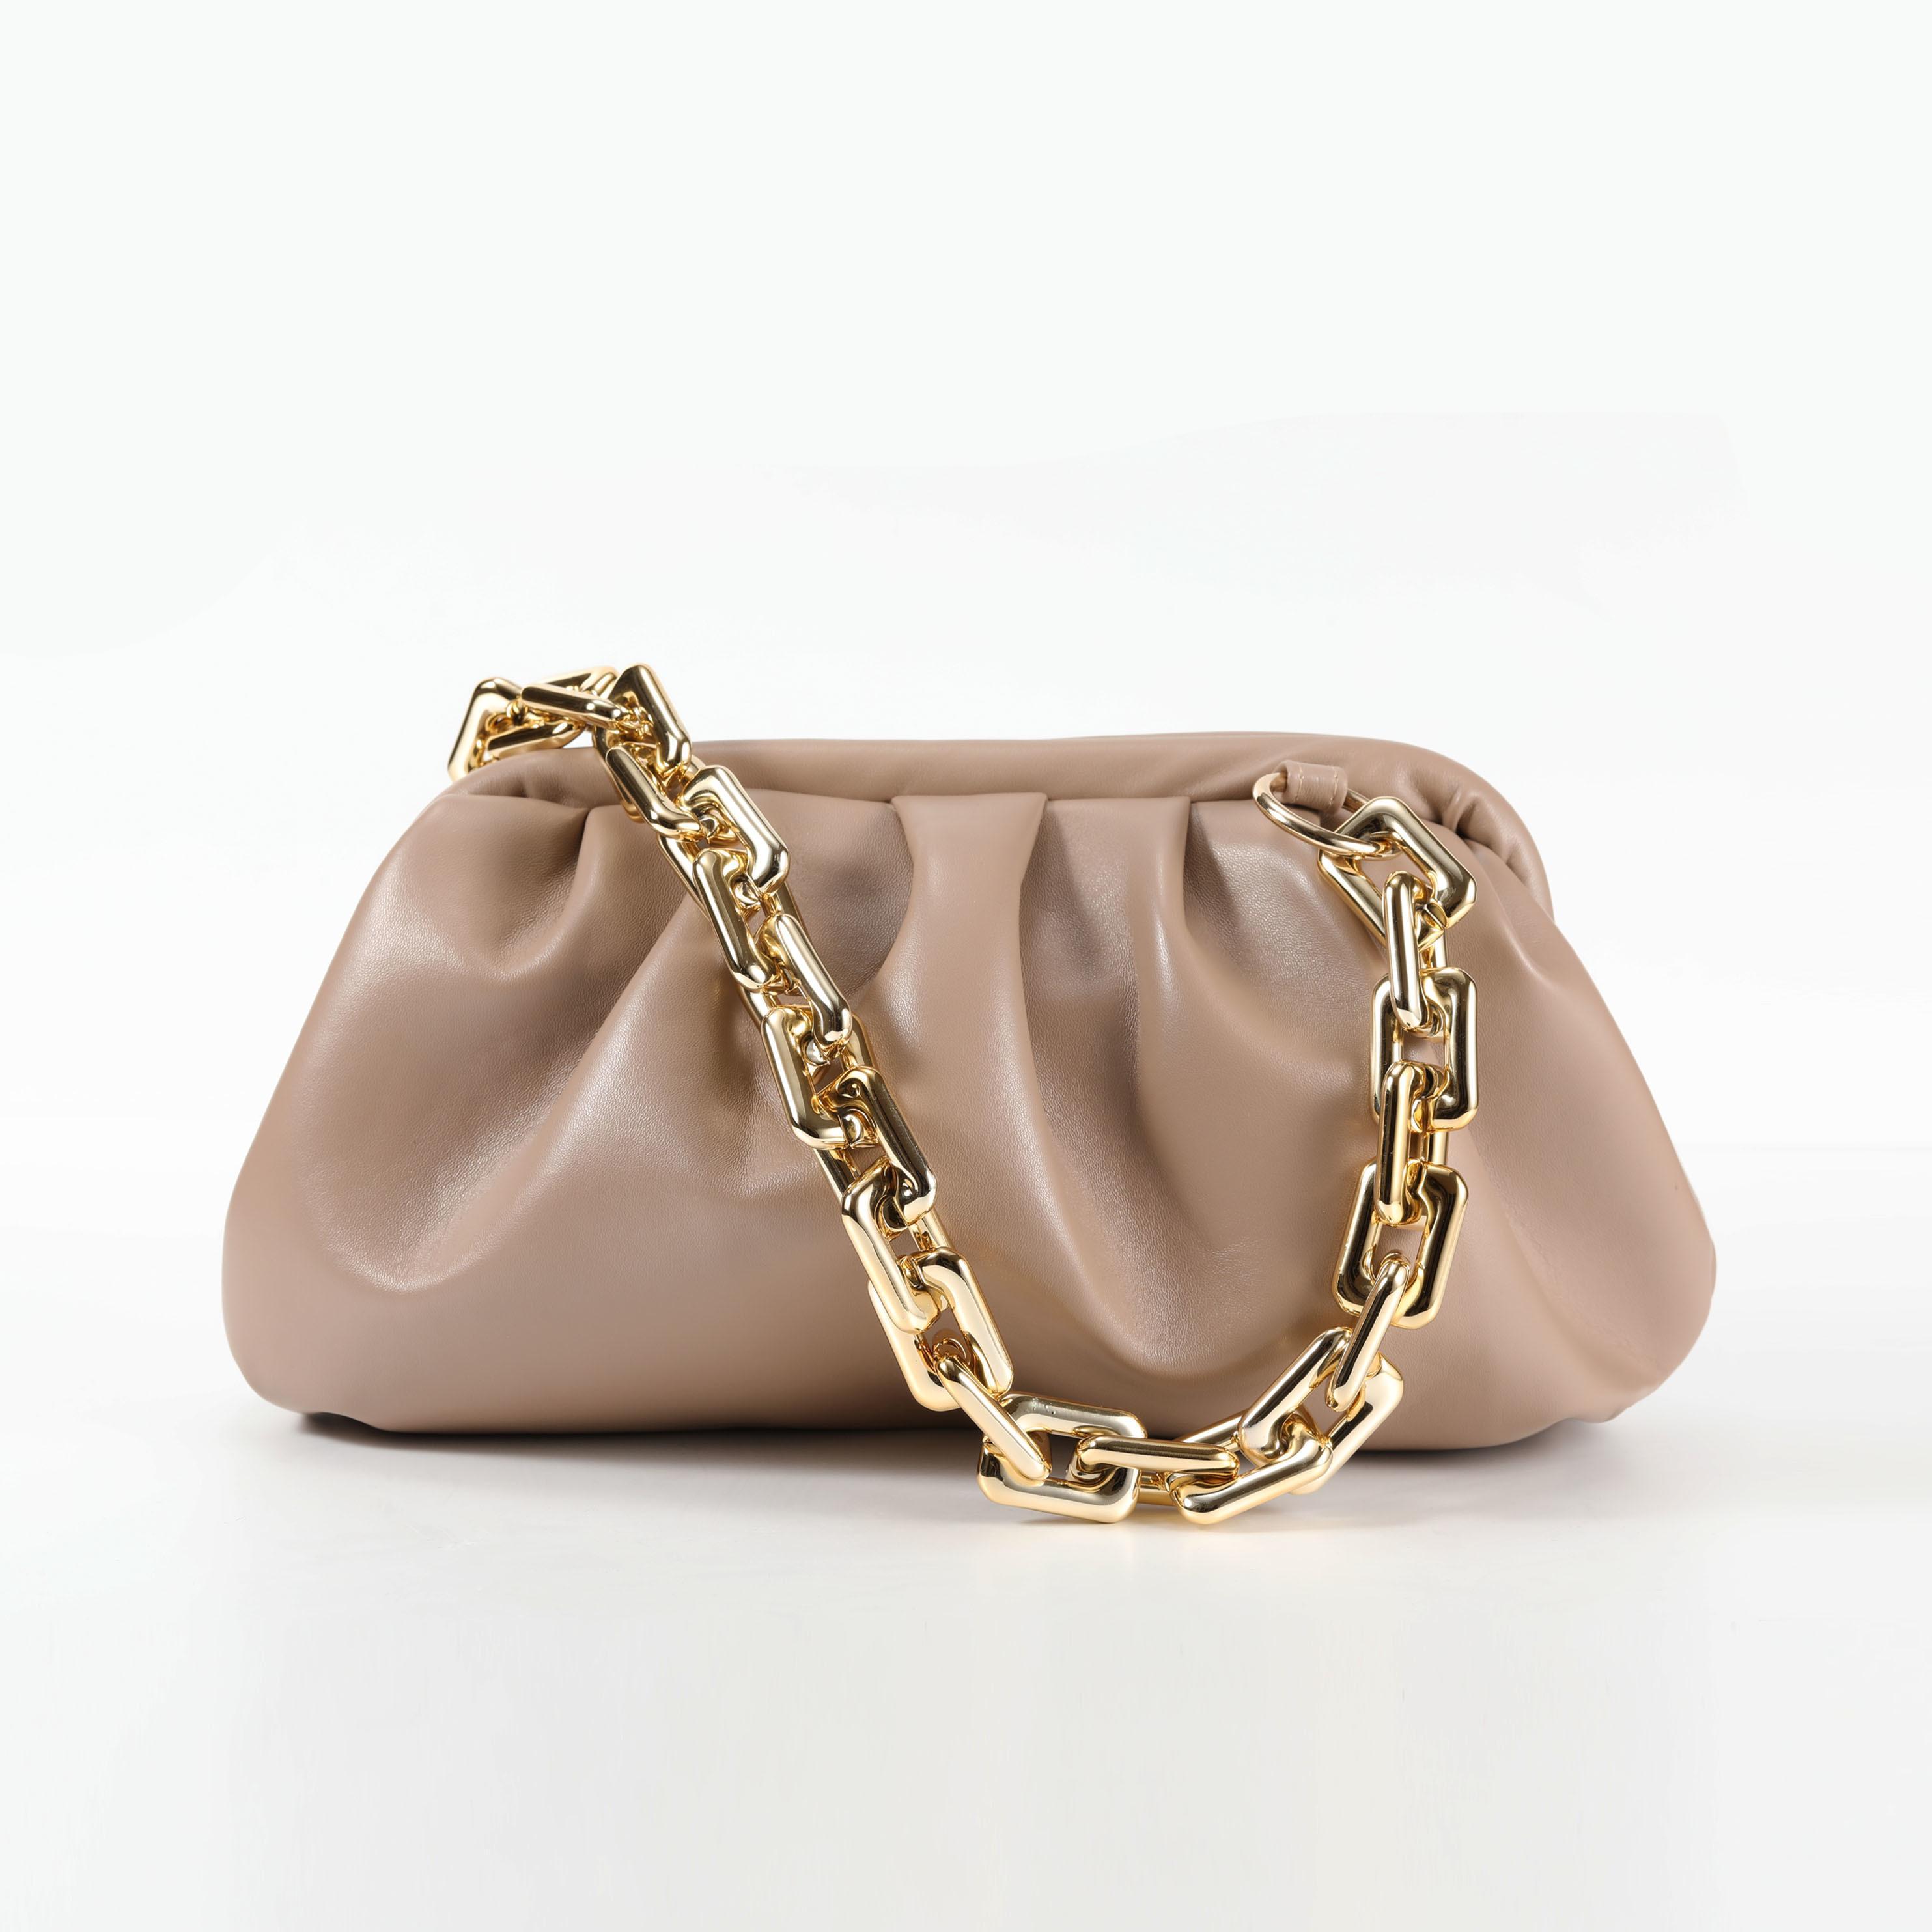 Толстые цепи Дизайн Кожа PU Crossbody Сумки для женщин Малый сумки и кошельки Женщины плеча сумку LJ200827